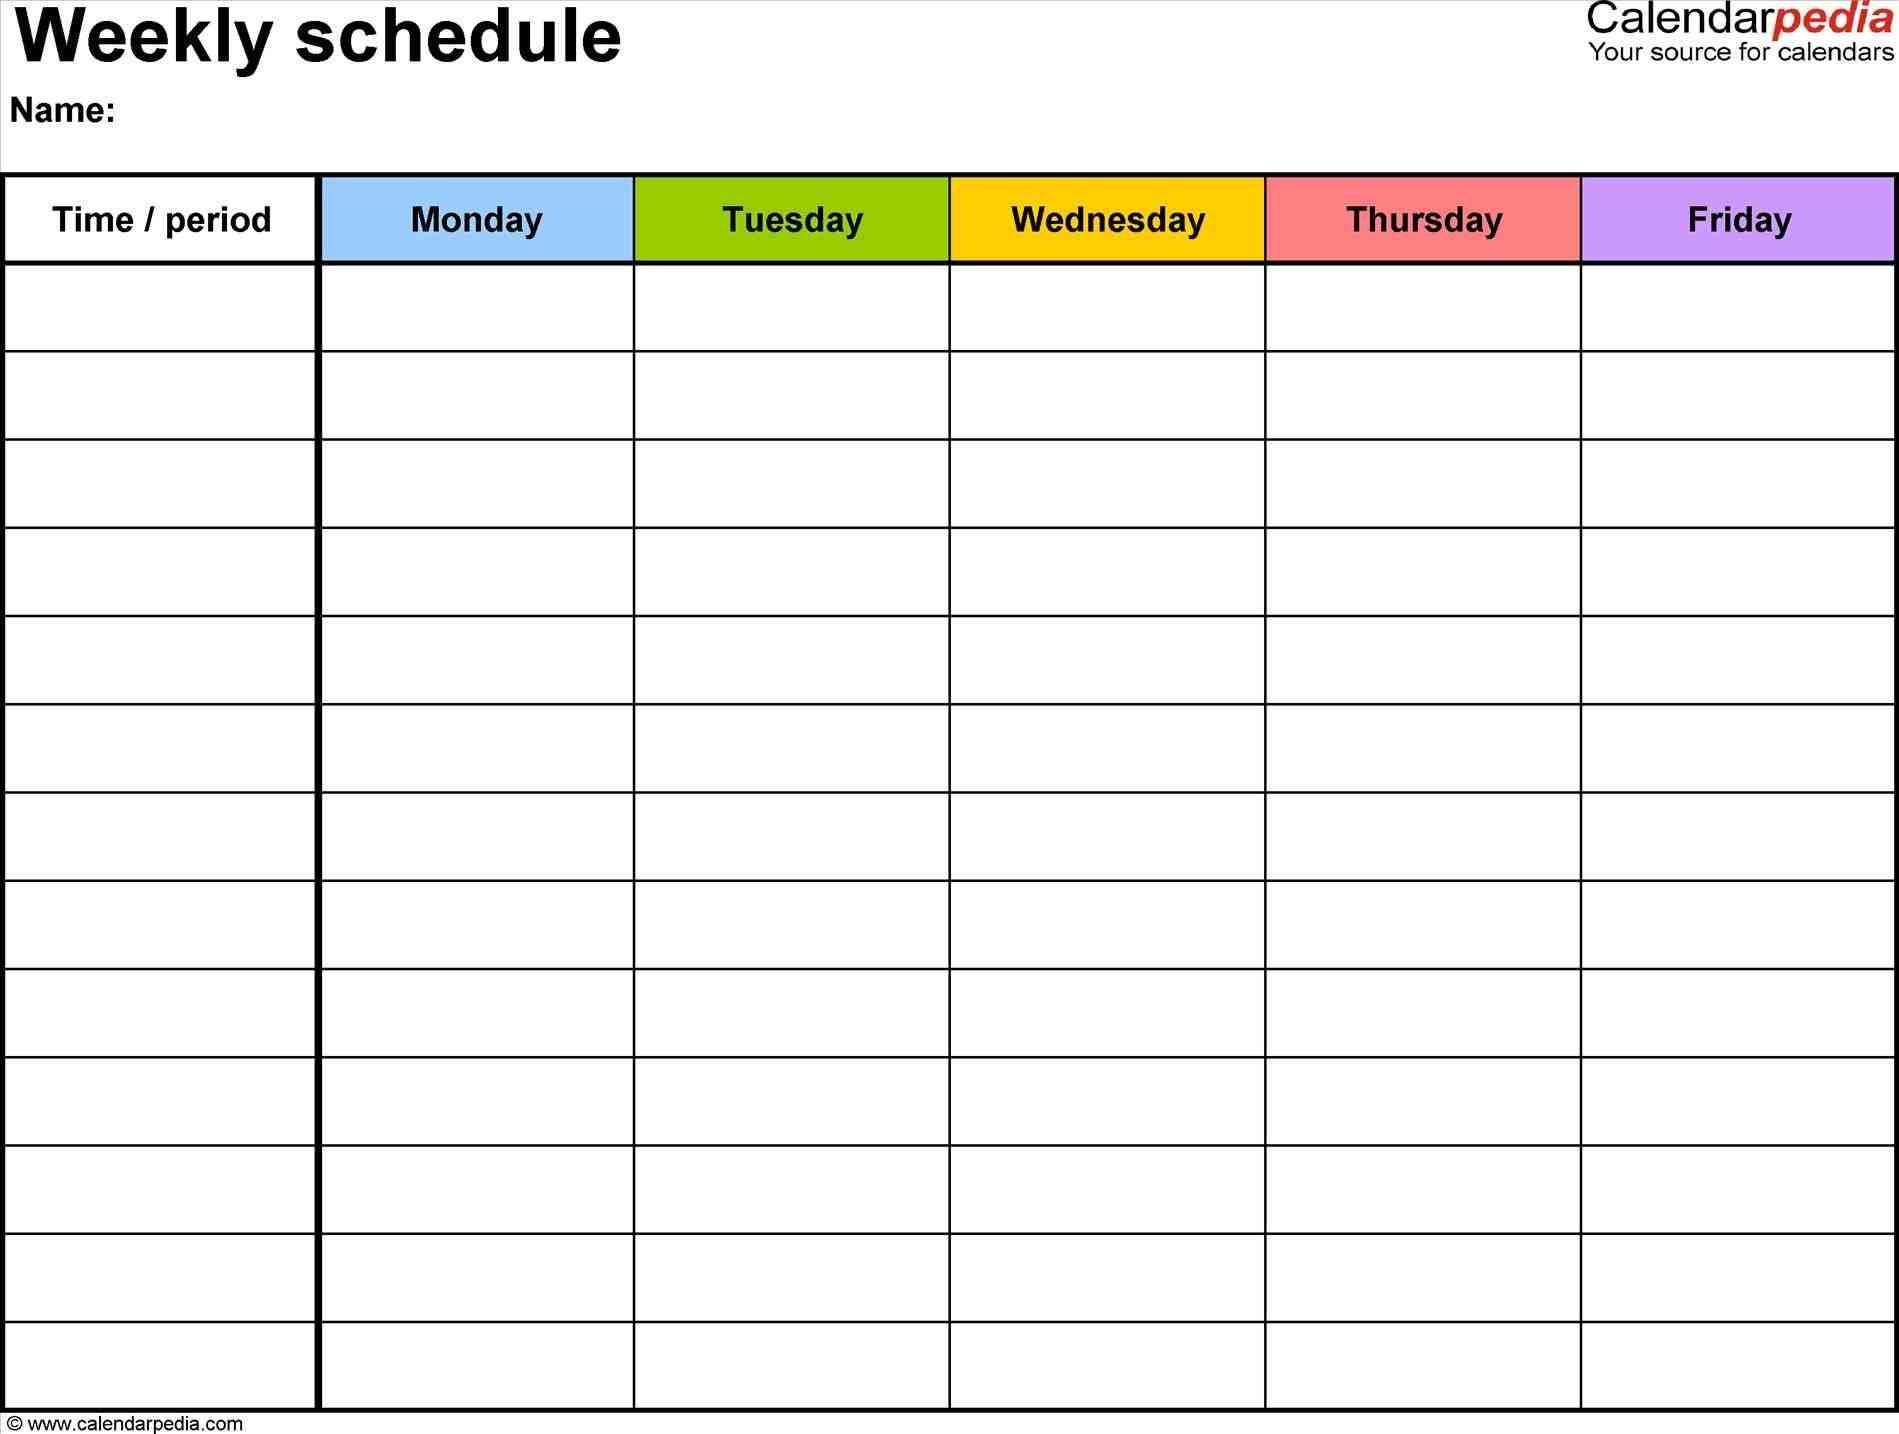 free One Week Calendar Template Excel weekly schedule templates for excel templatesrhcalendarpediacom week calendar template zoroblaszczakcorhzoroblaszczakco week One Week Calendar